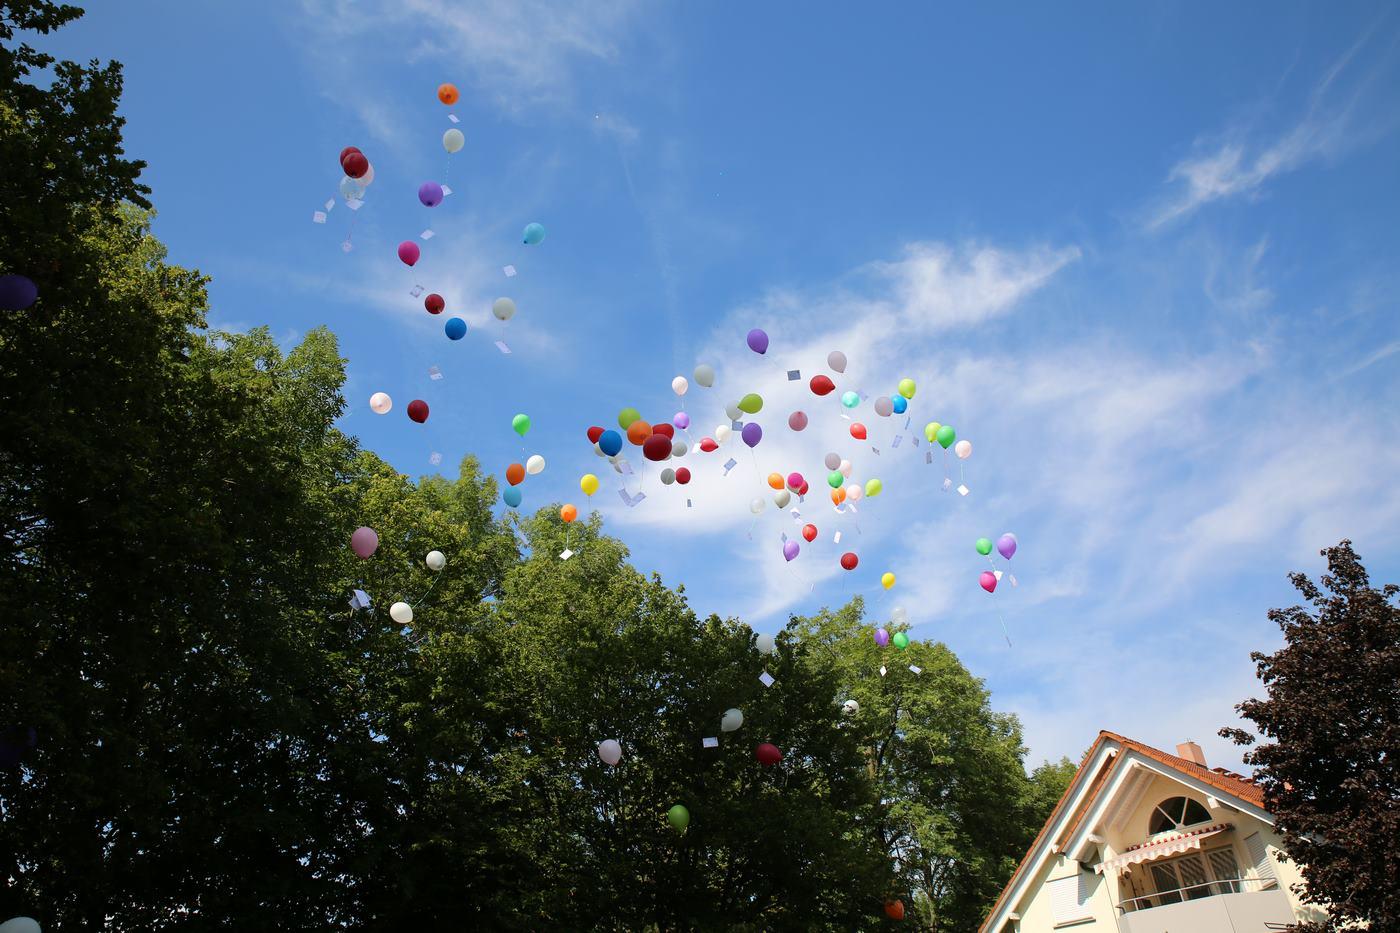 Bunte Ballons mit Grußkarten in der Luft fliegend